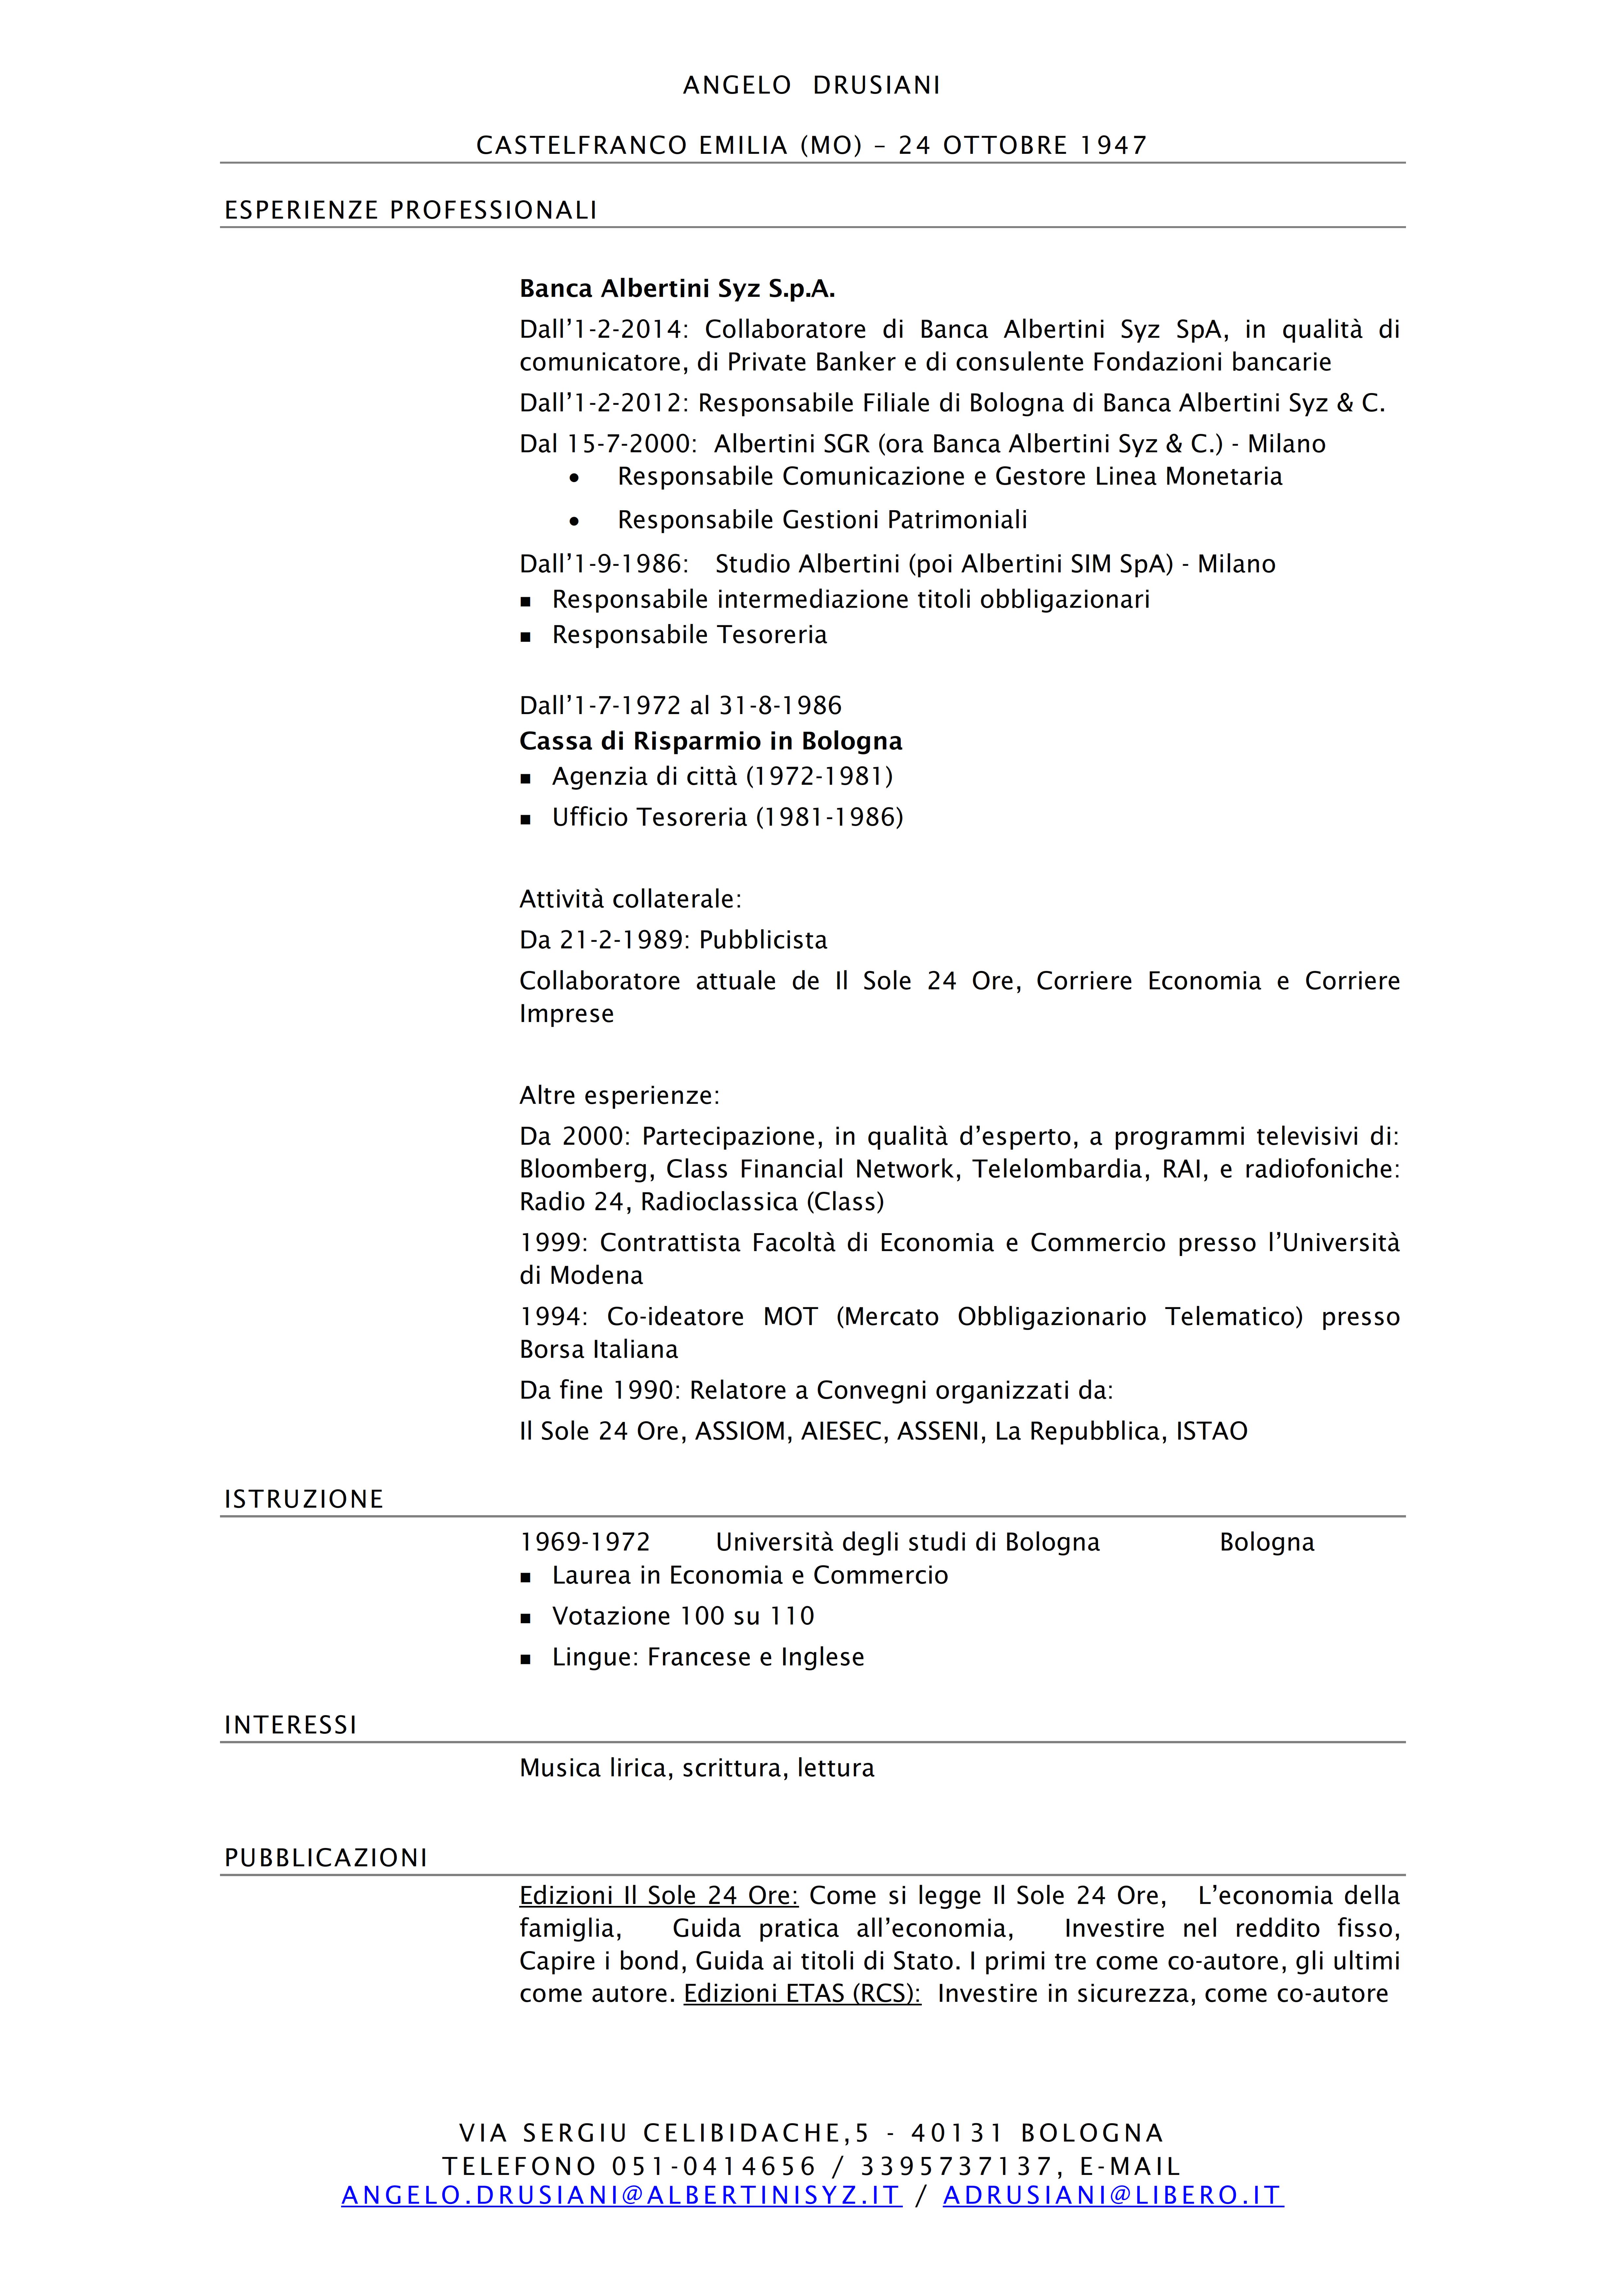 04)Curriculum Drusiani_001